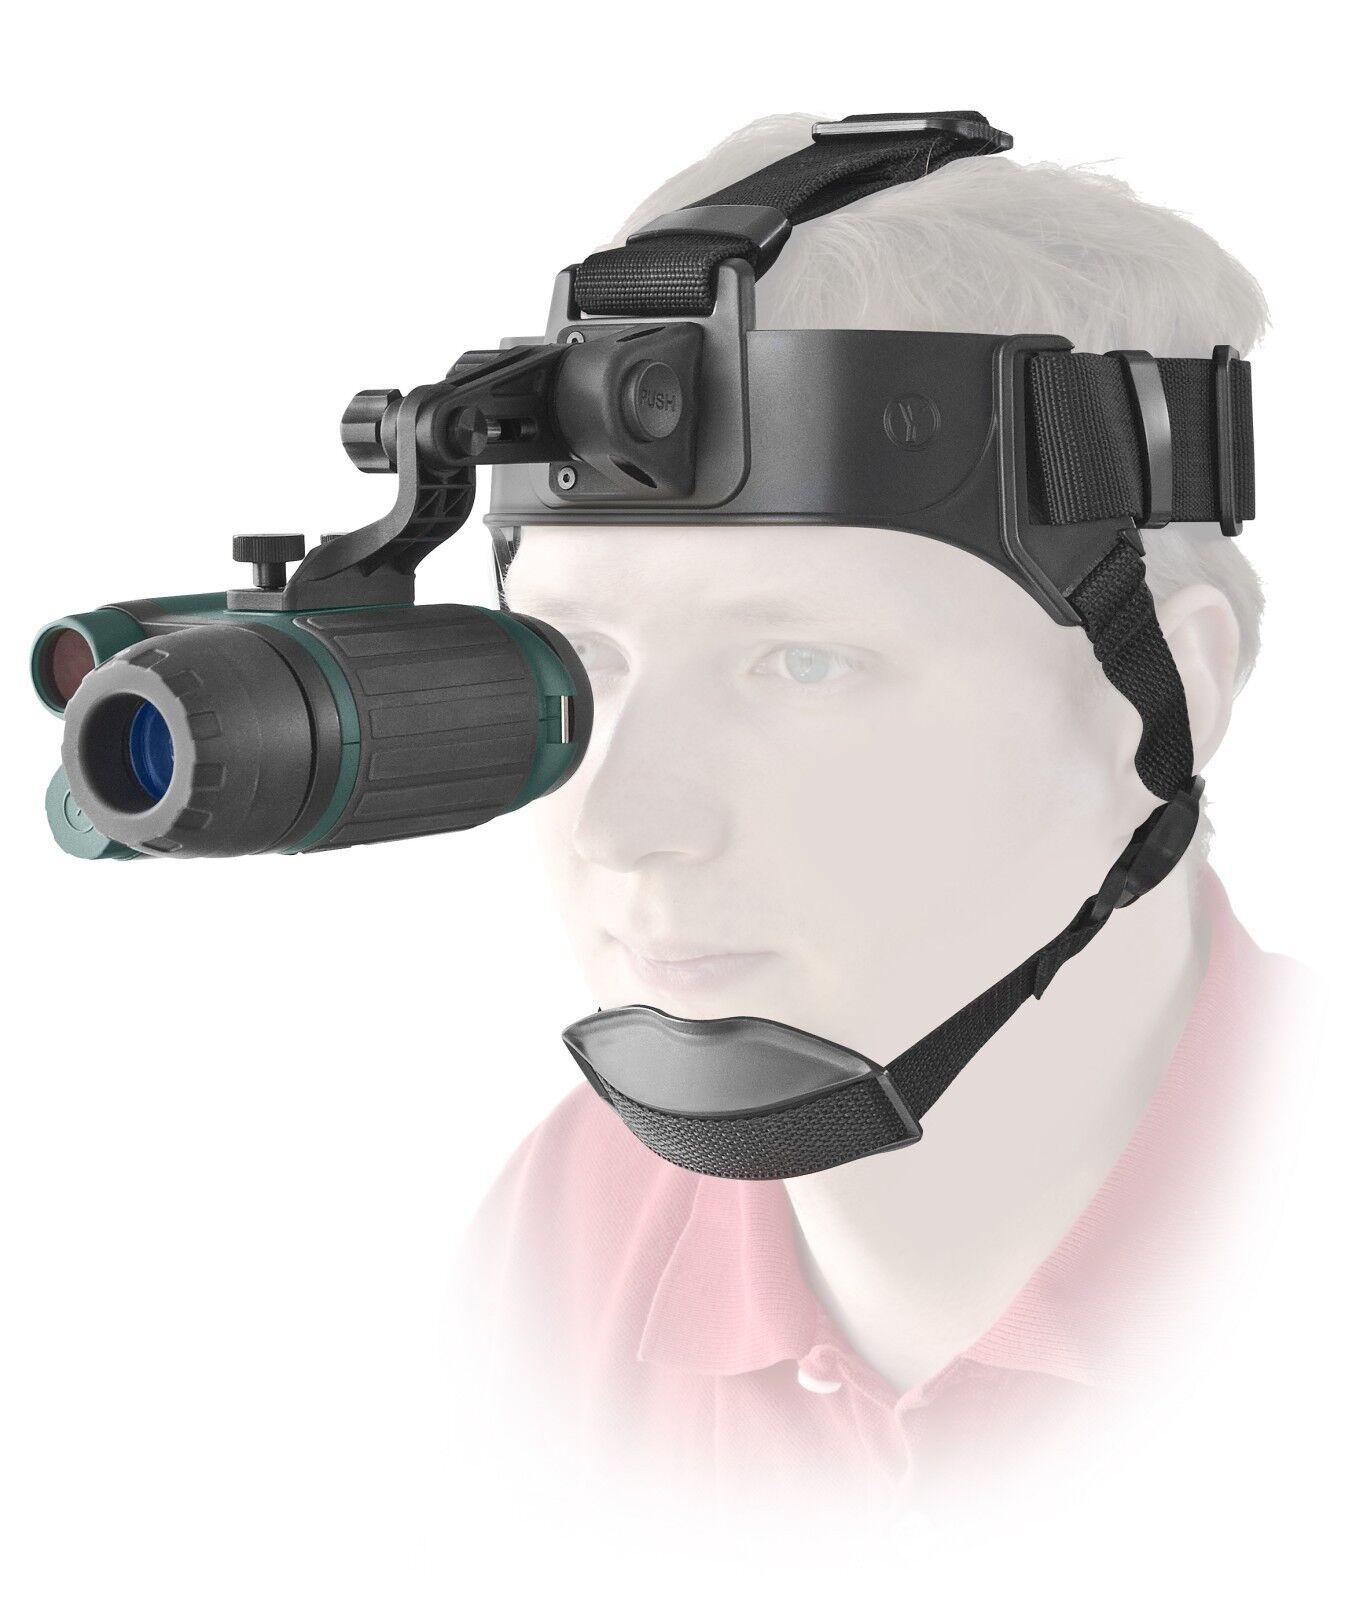 Yukon Spartan 1 x 24 inkl. Kopfhalterung Nachtsichtgerät Nacht Fernglas